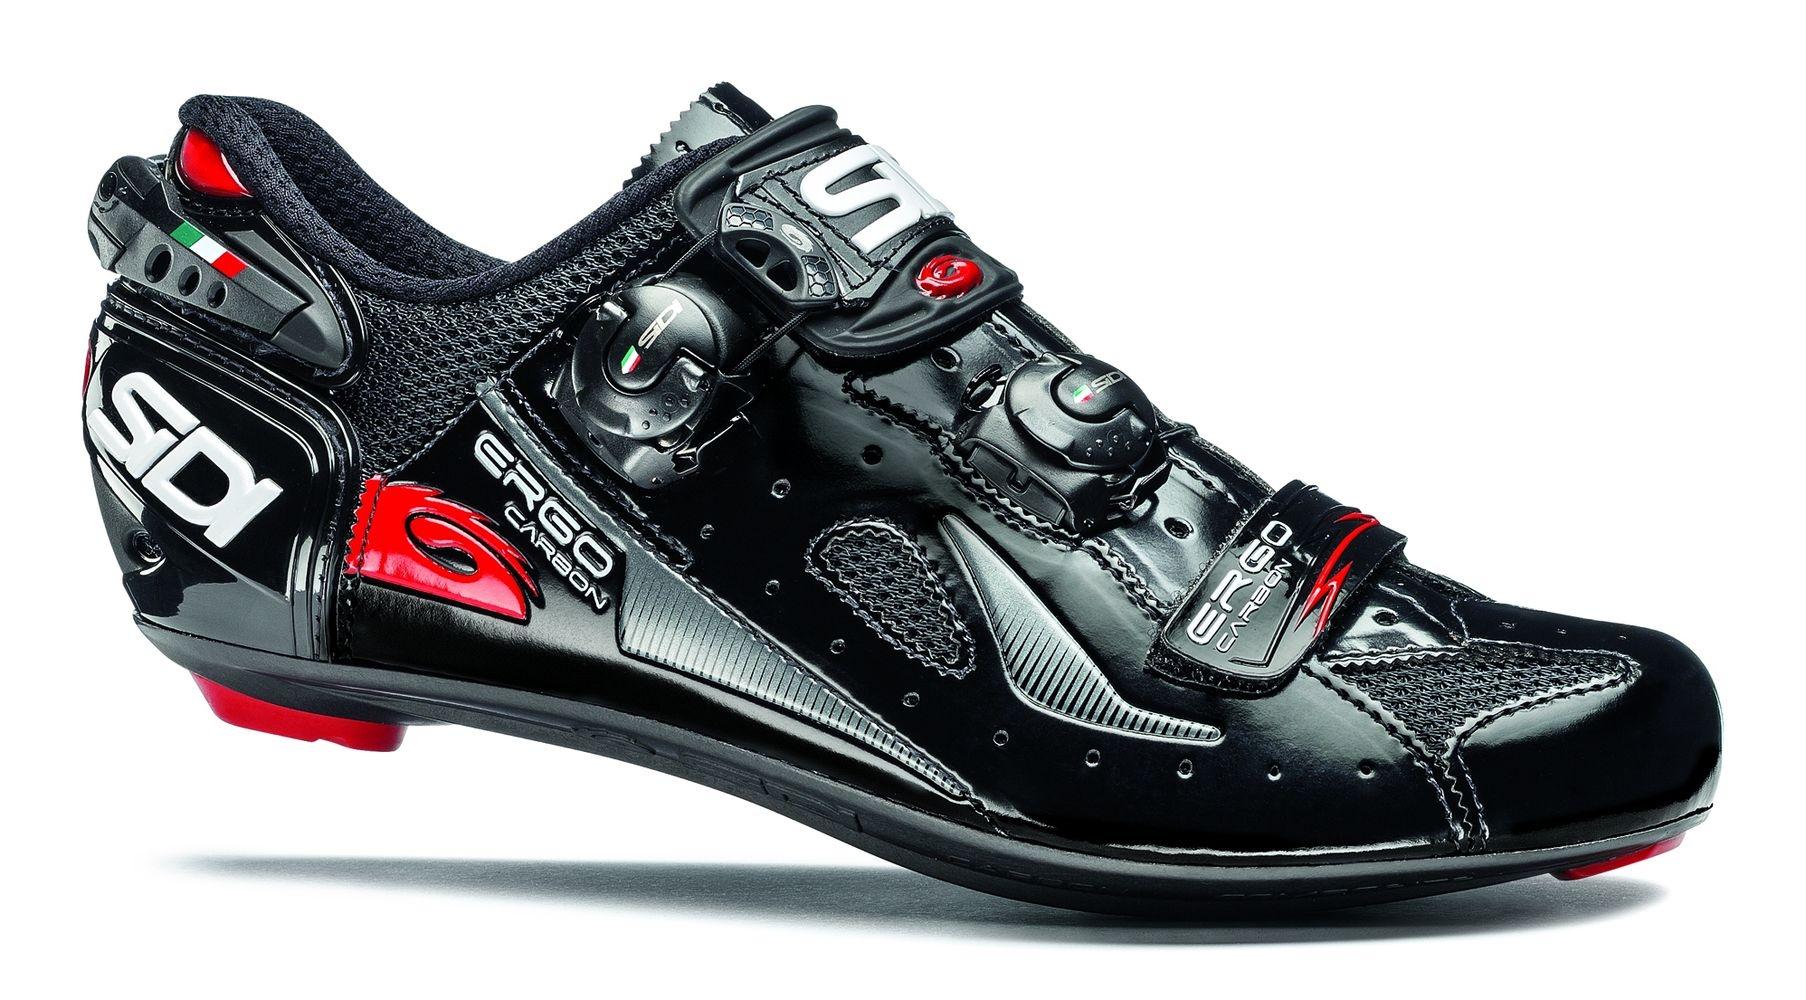 Chaussures Sidi ERGO 4 Carbon Composite Noir - 39